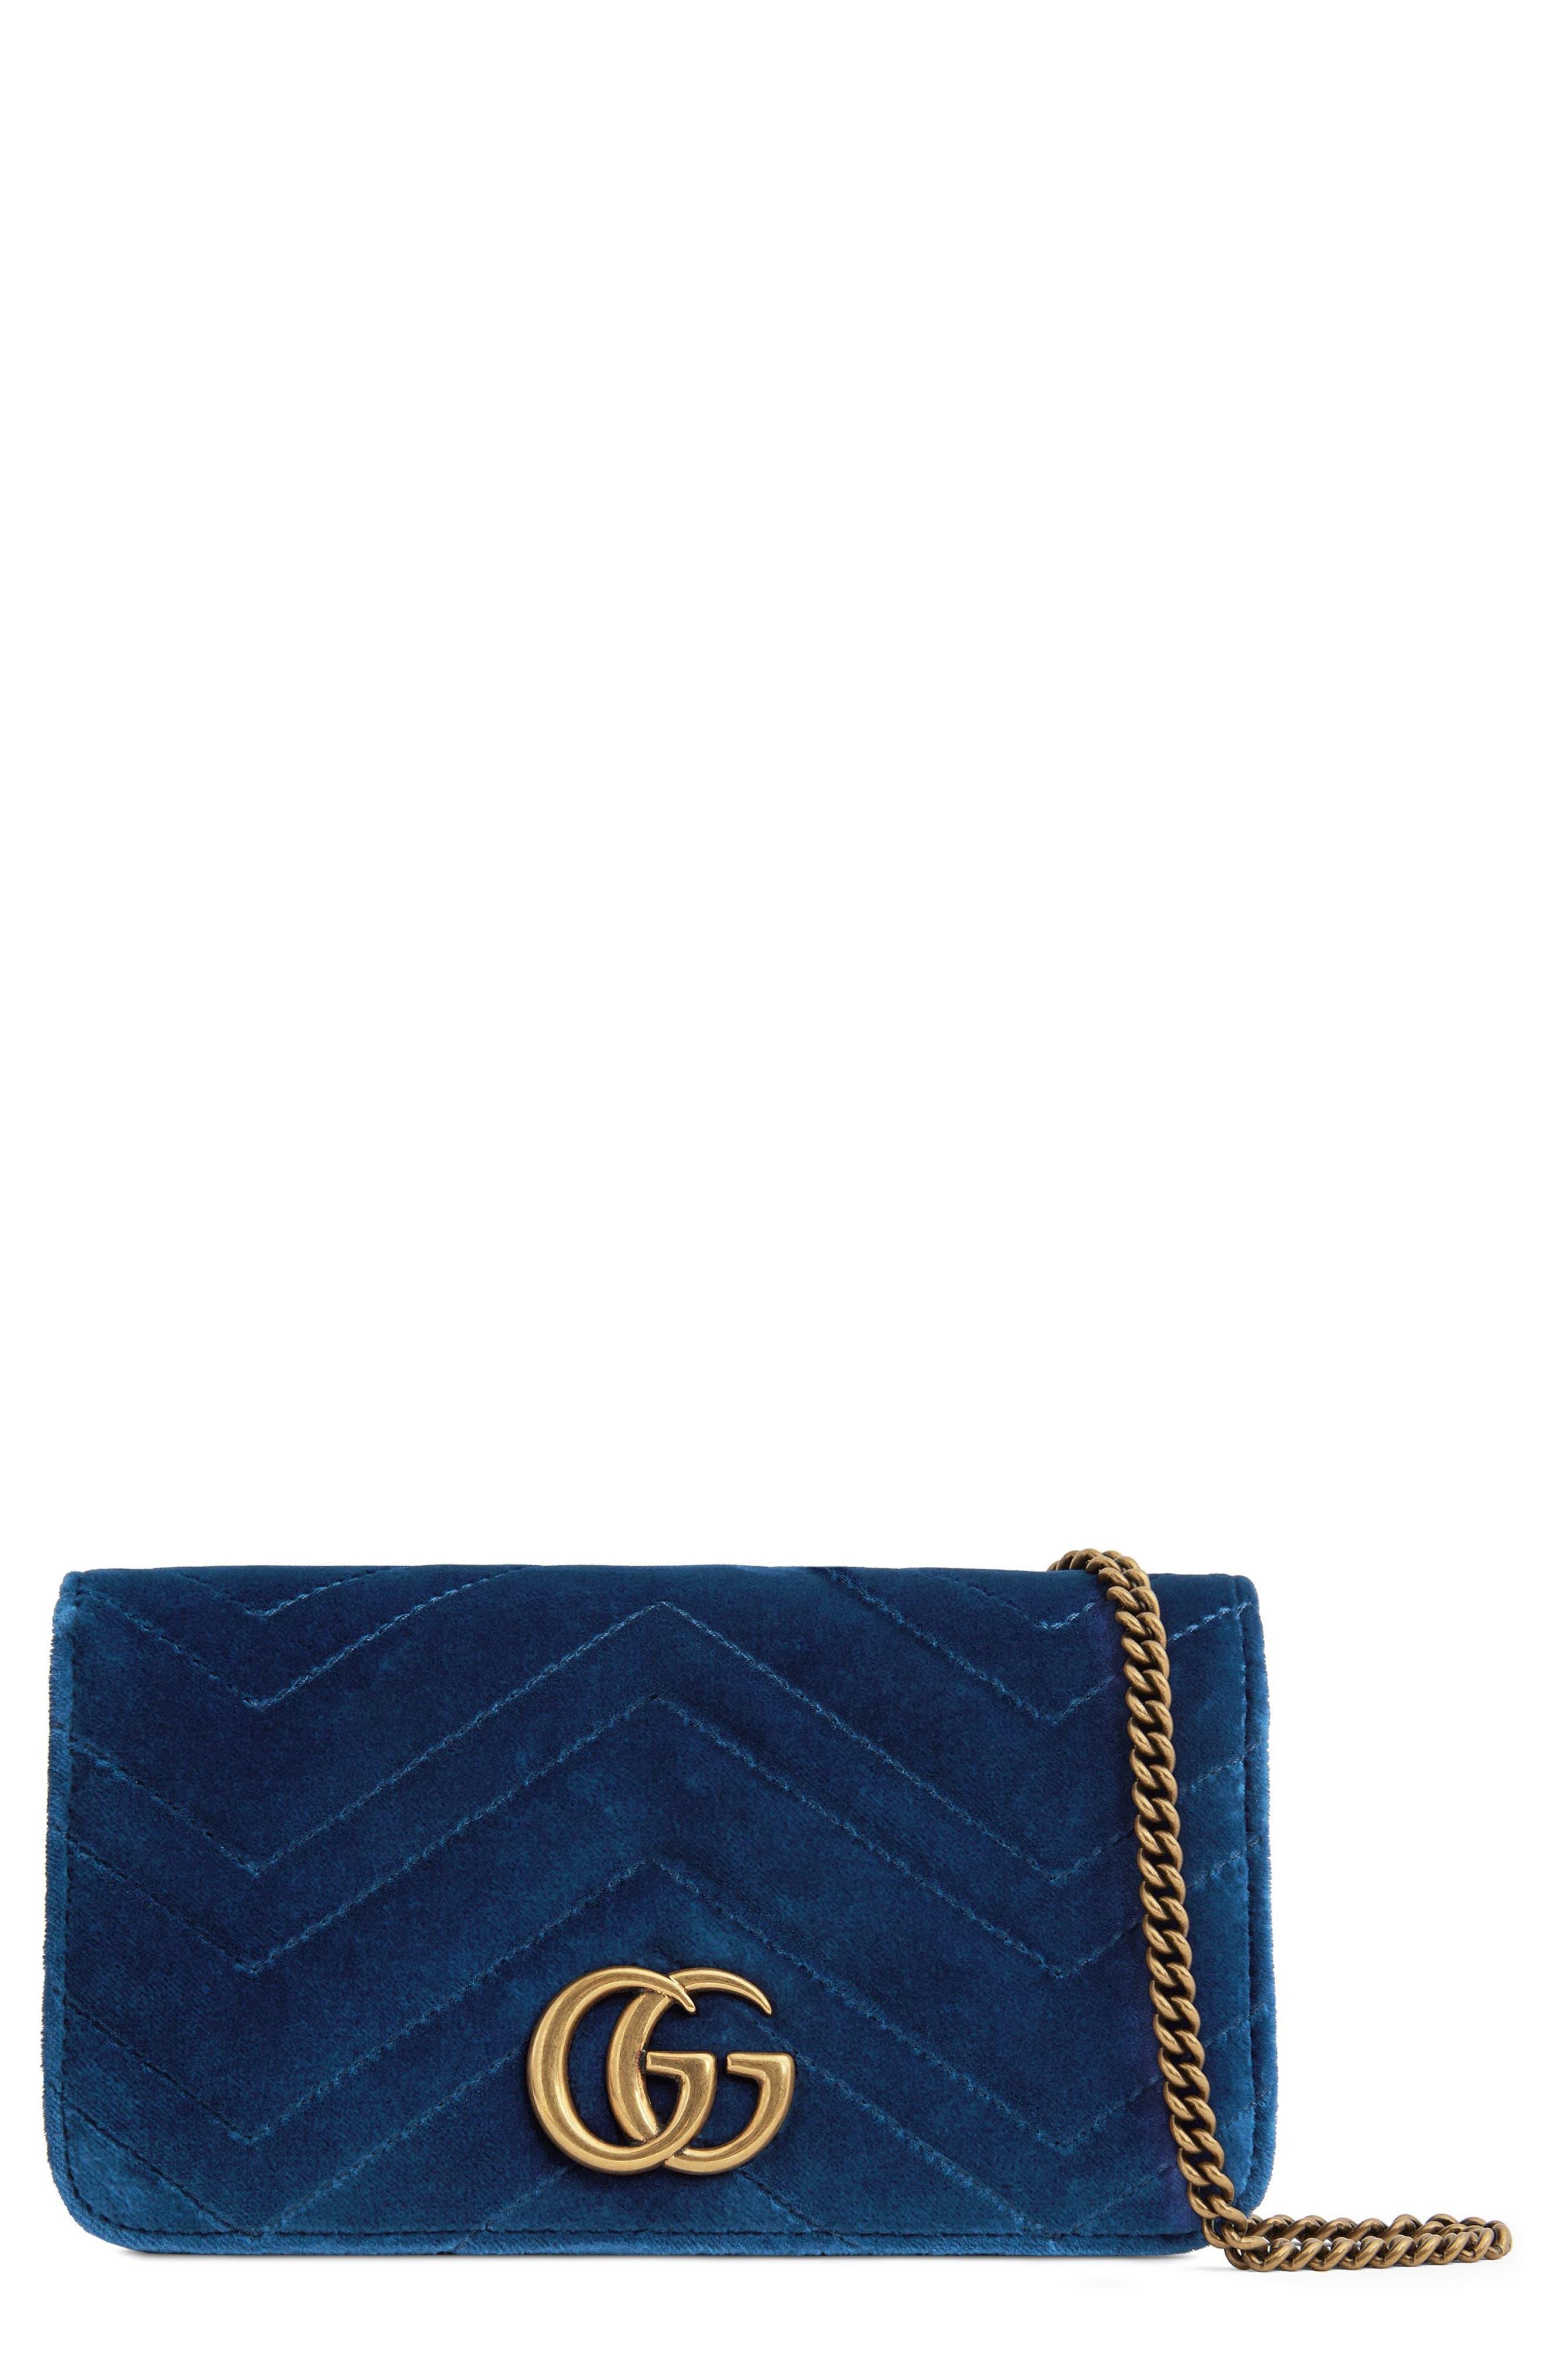 GUCCI, GG Marmont 2.0 Matelassé Velvet Shoulder Bag, Main thumbnail 1, color, COBALT/ COBALT